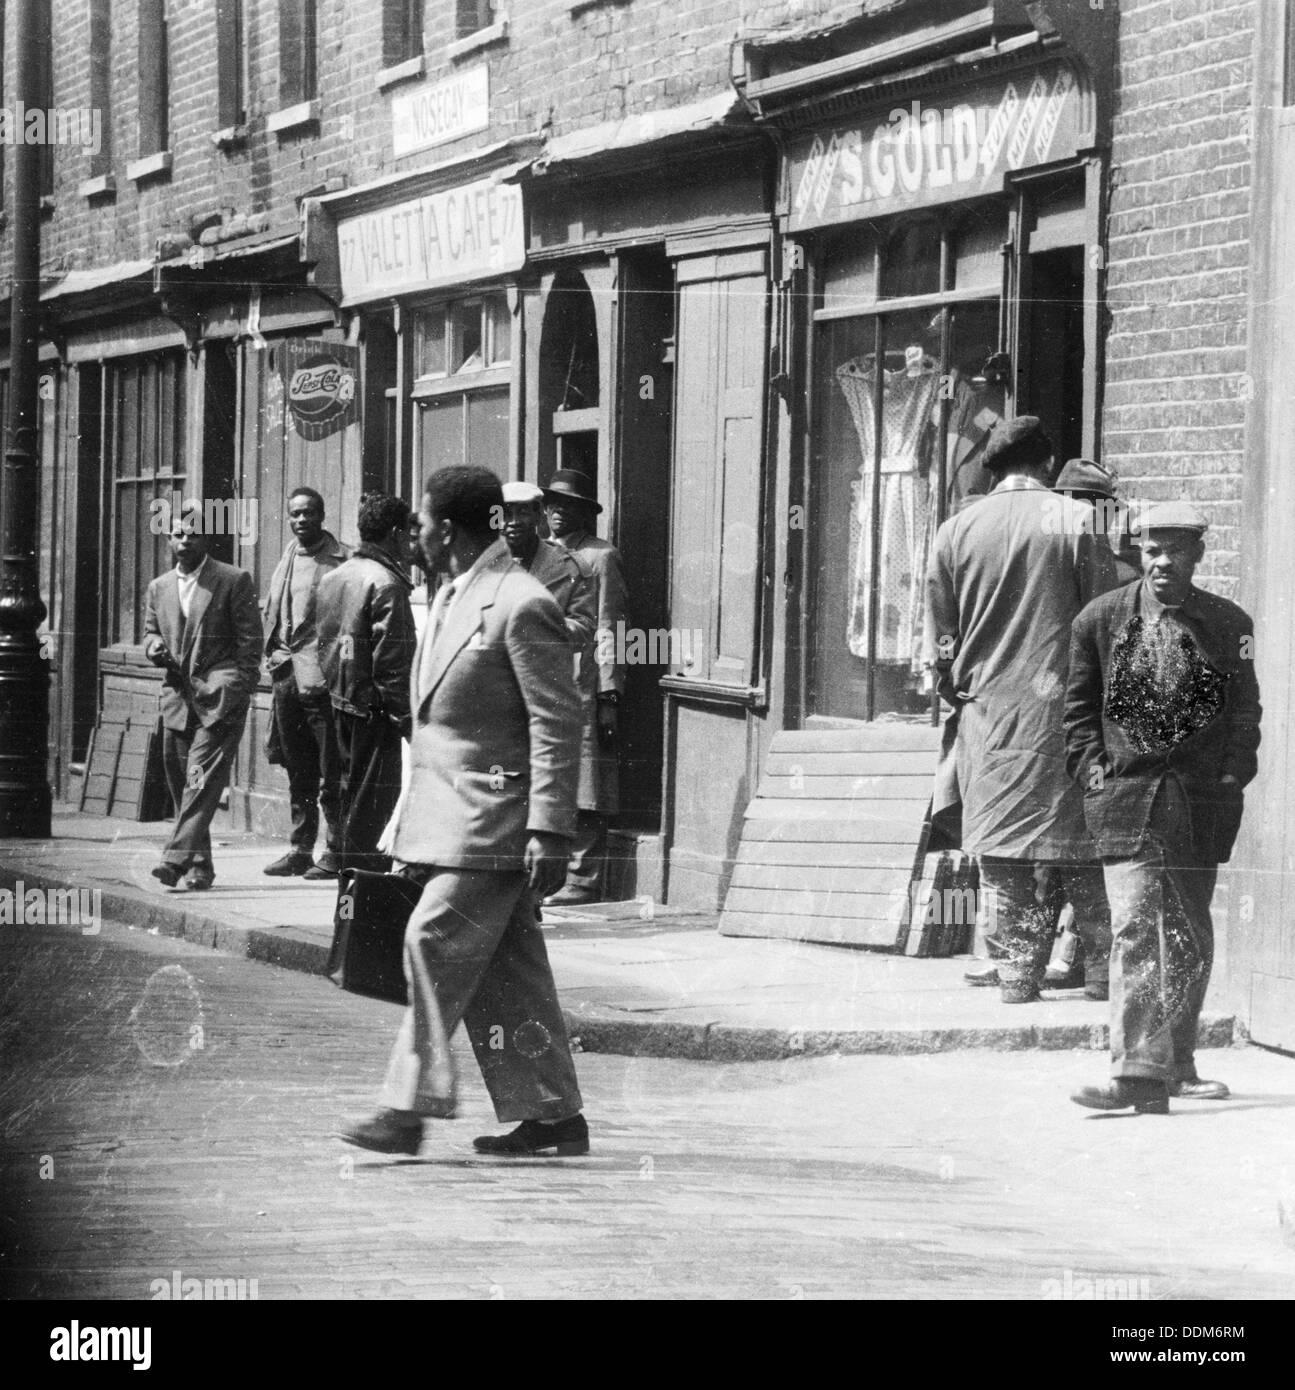 Notting Hill, London, 1940s. Artist: Henry Grant - Stock Image